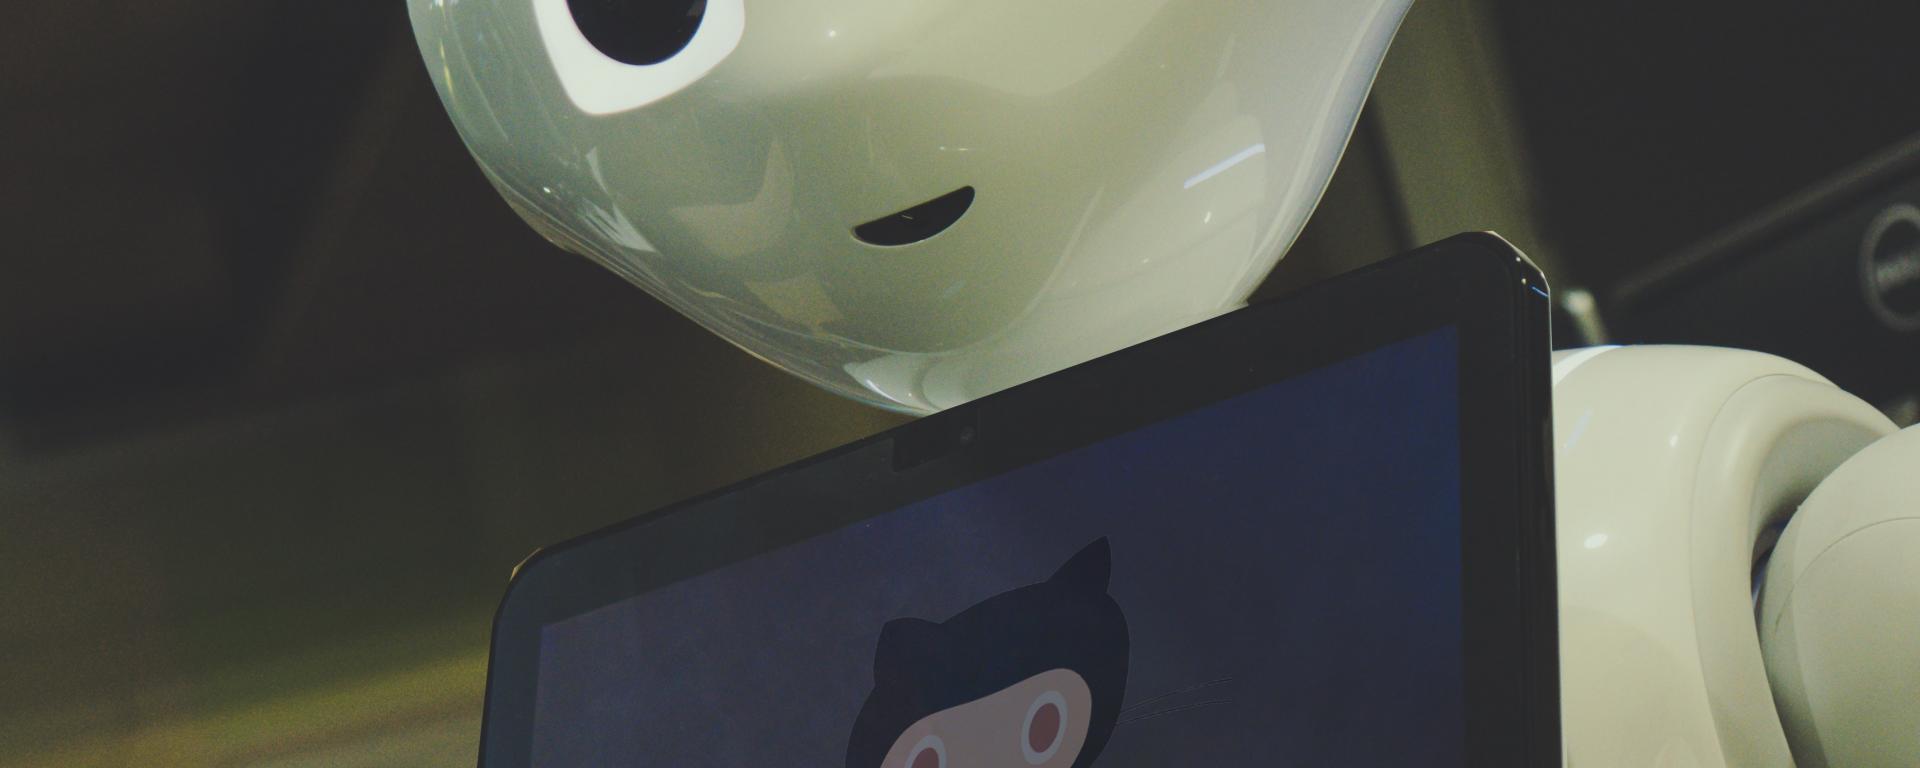 GitHub Robot